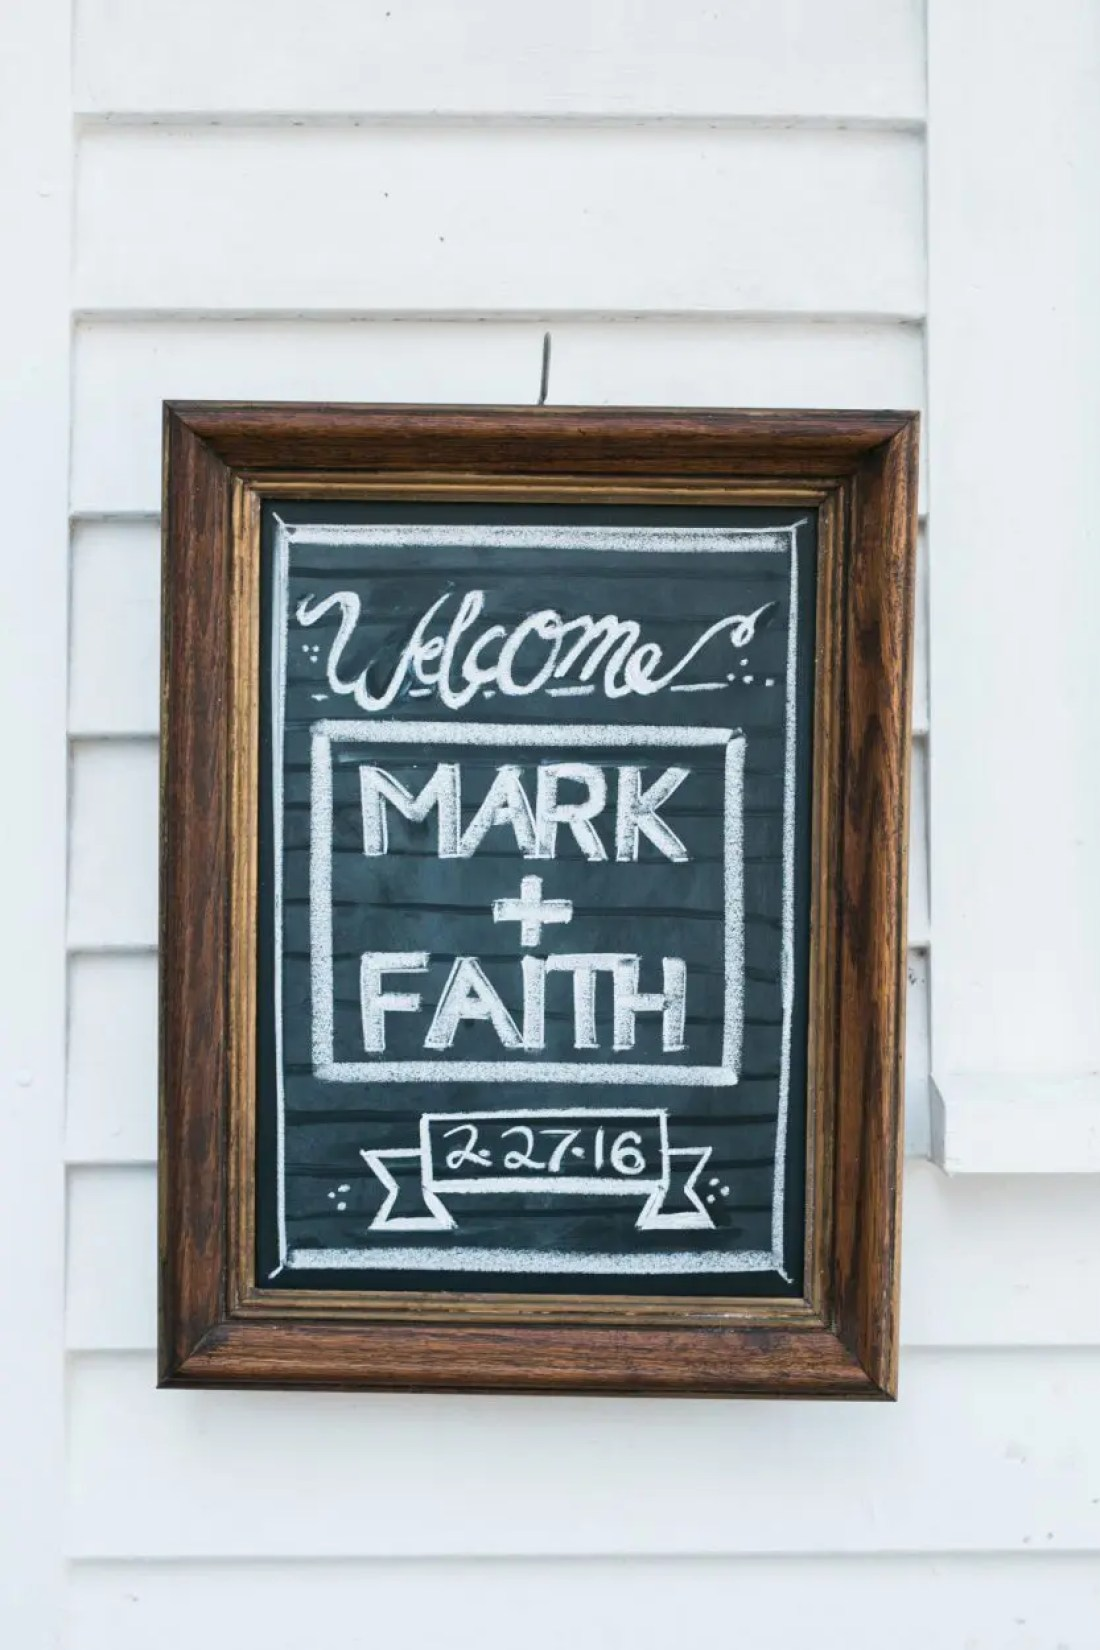 Mark_Faith_-1